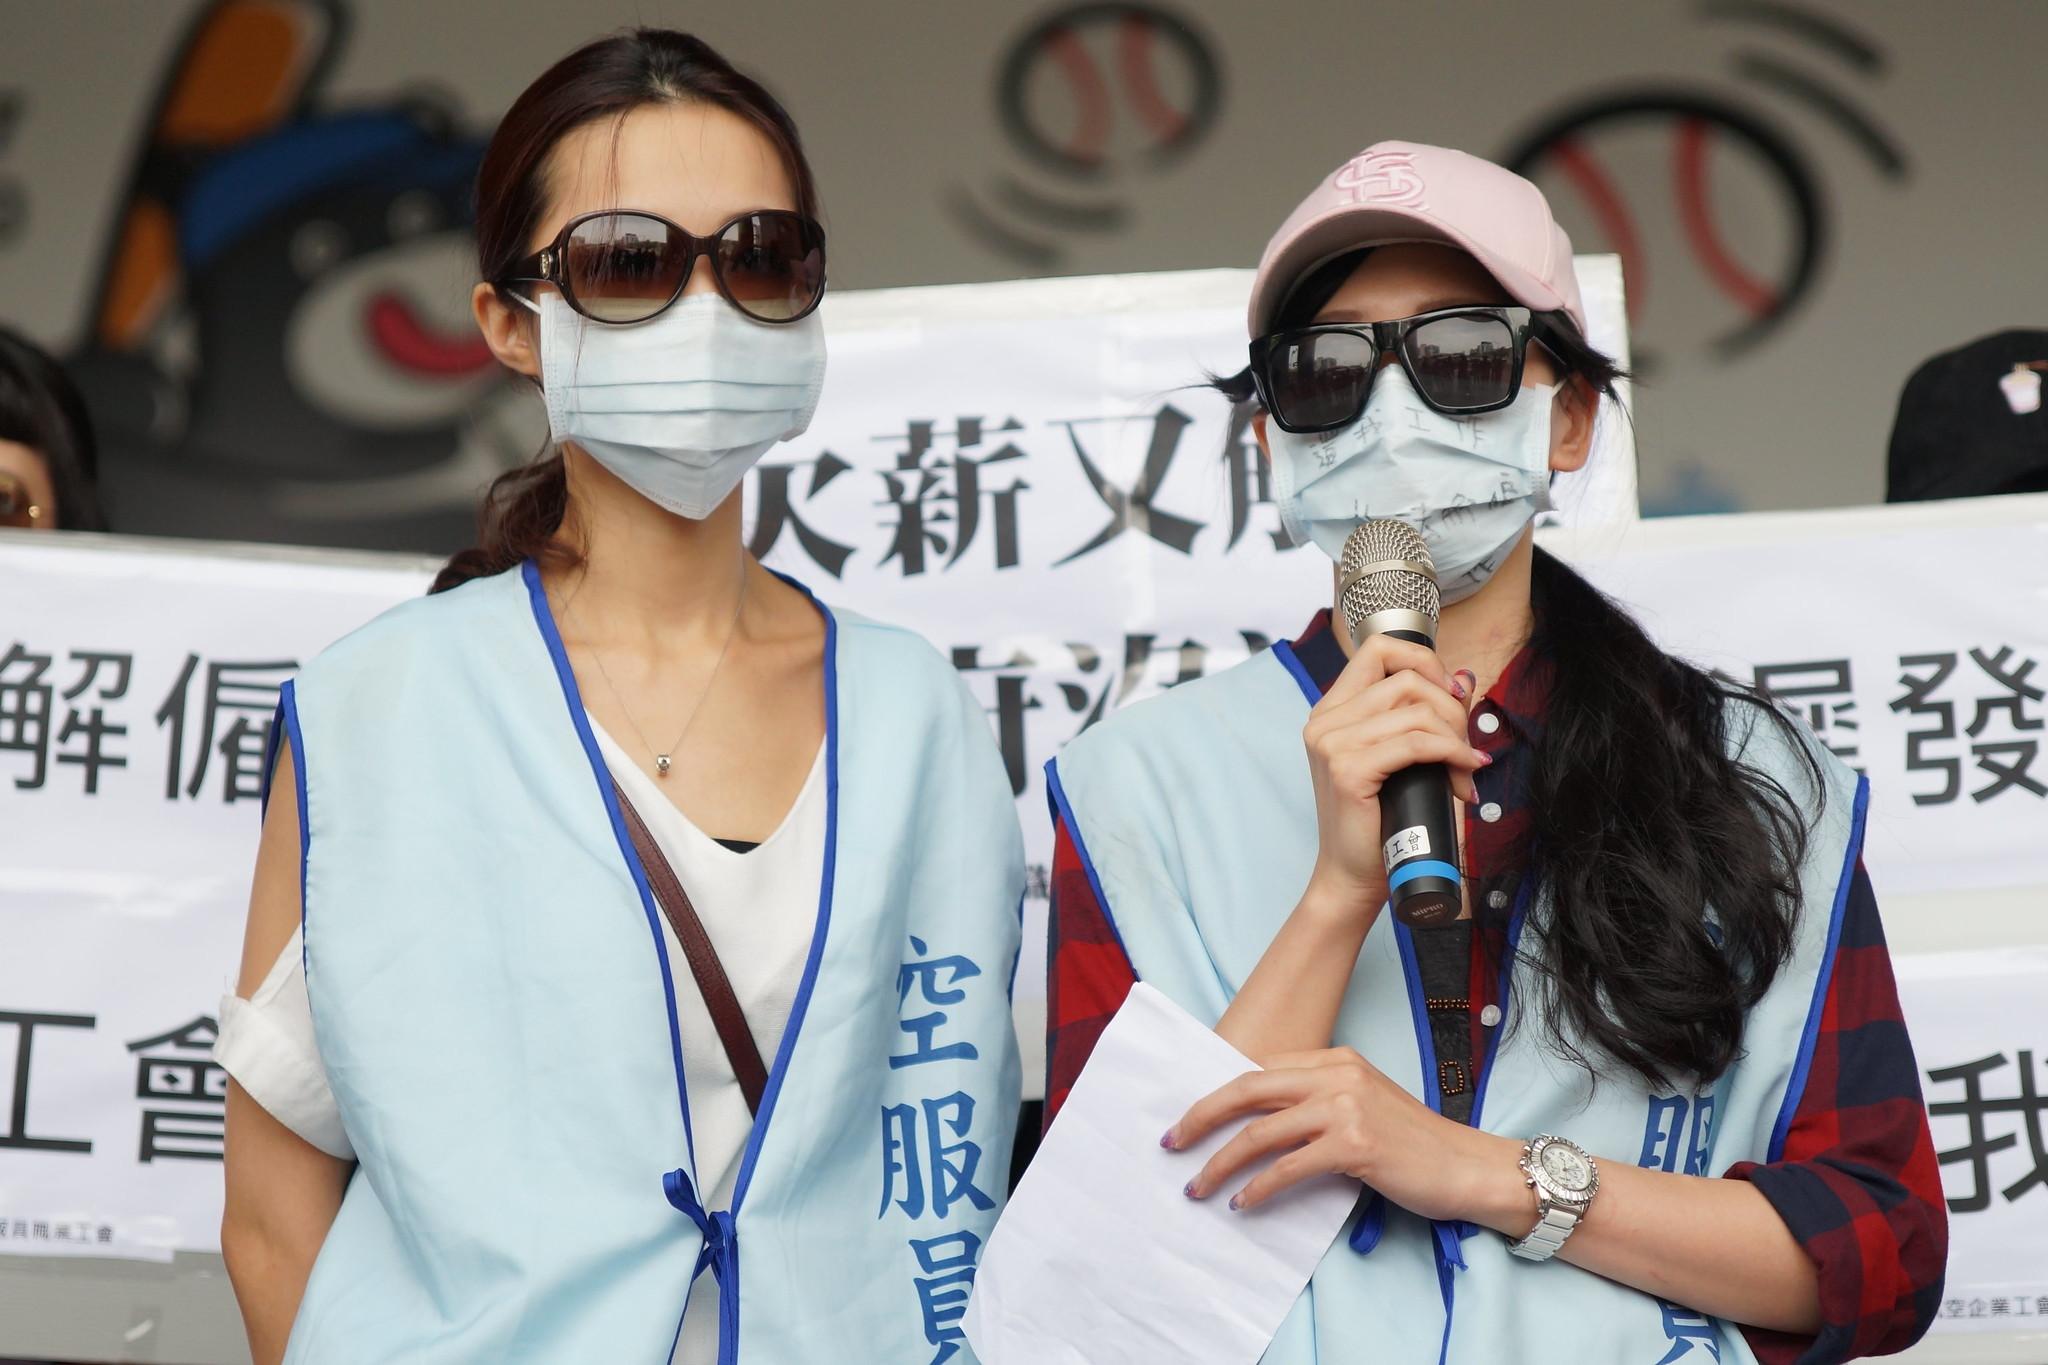 被遠航解雇的空服員詹小姐(右)痛批資方聲明內容不實。(攝影:王顥中)